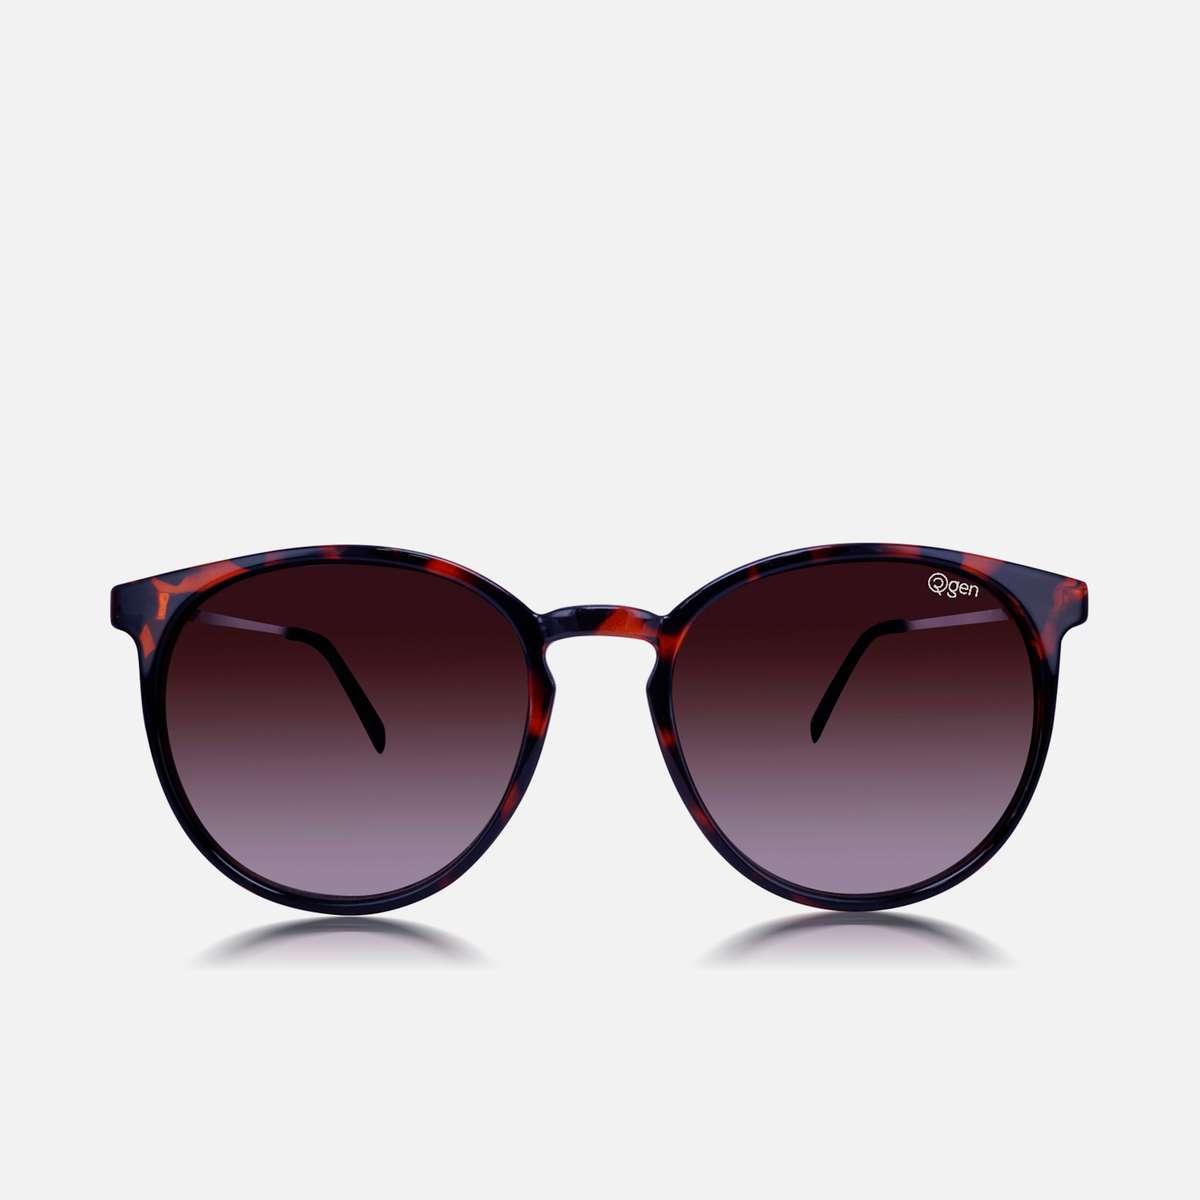 2.O2GEN Women Printed Round Sunglasses - O2-21-018-C1